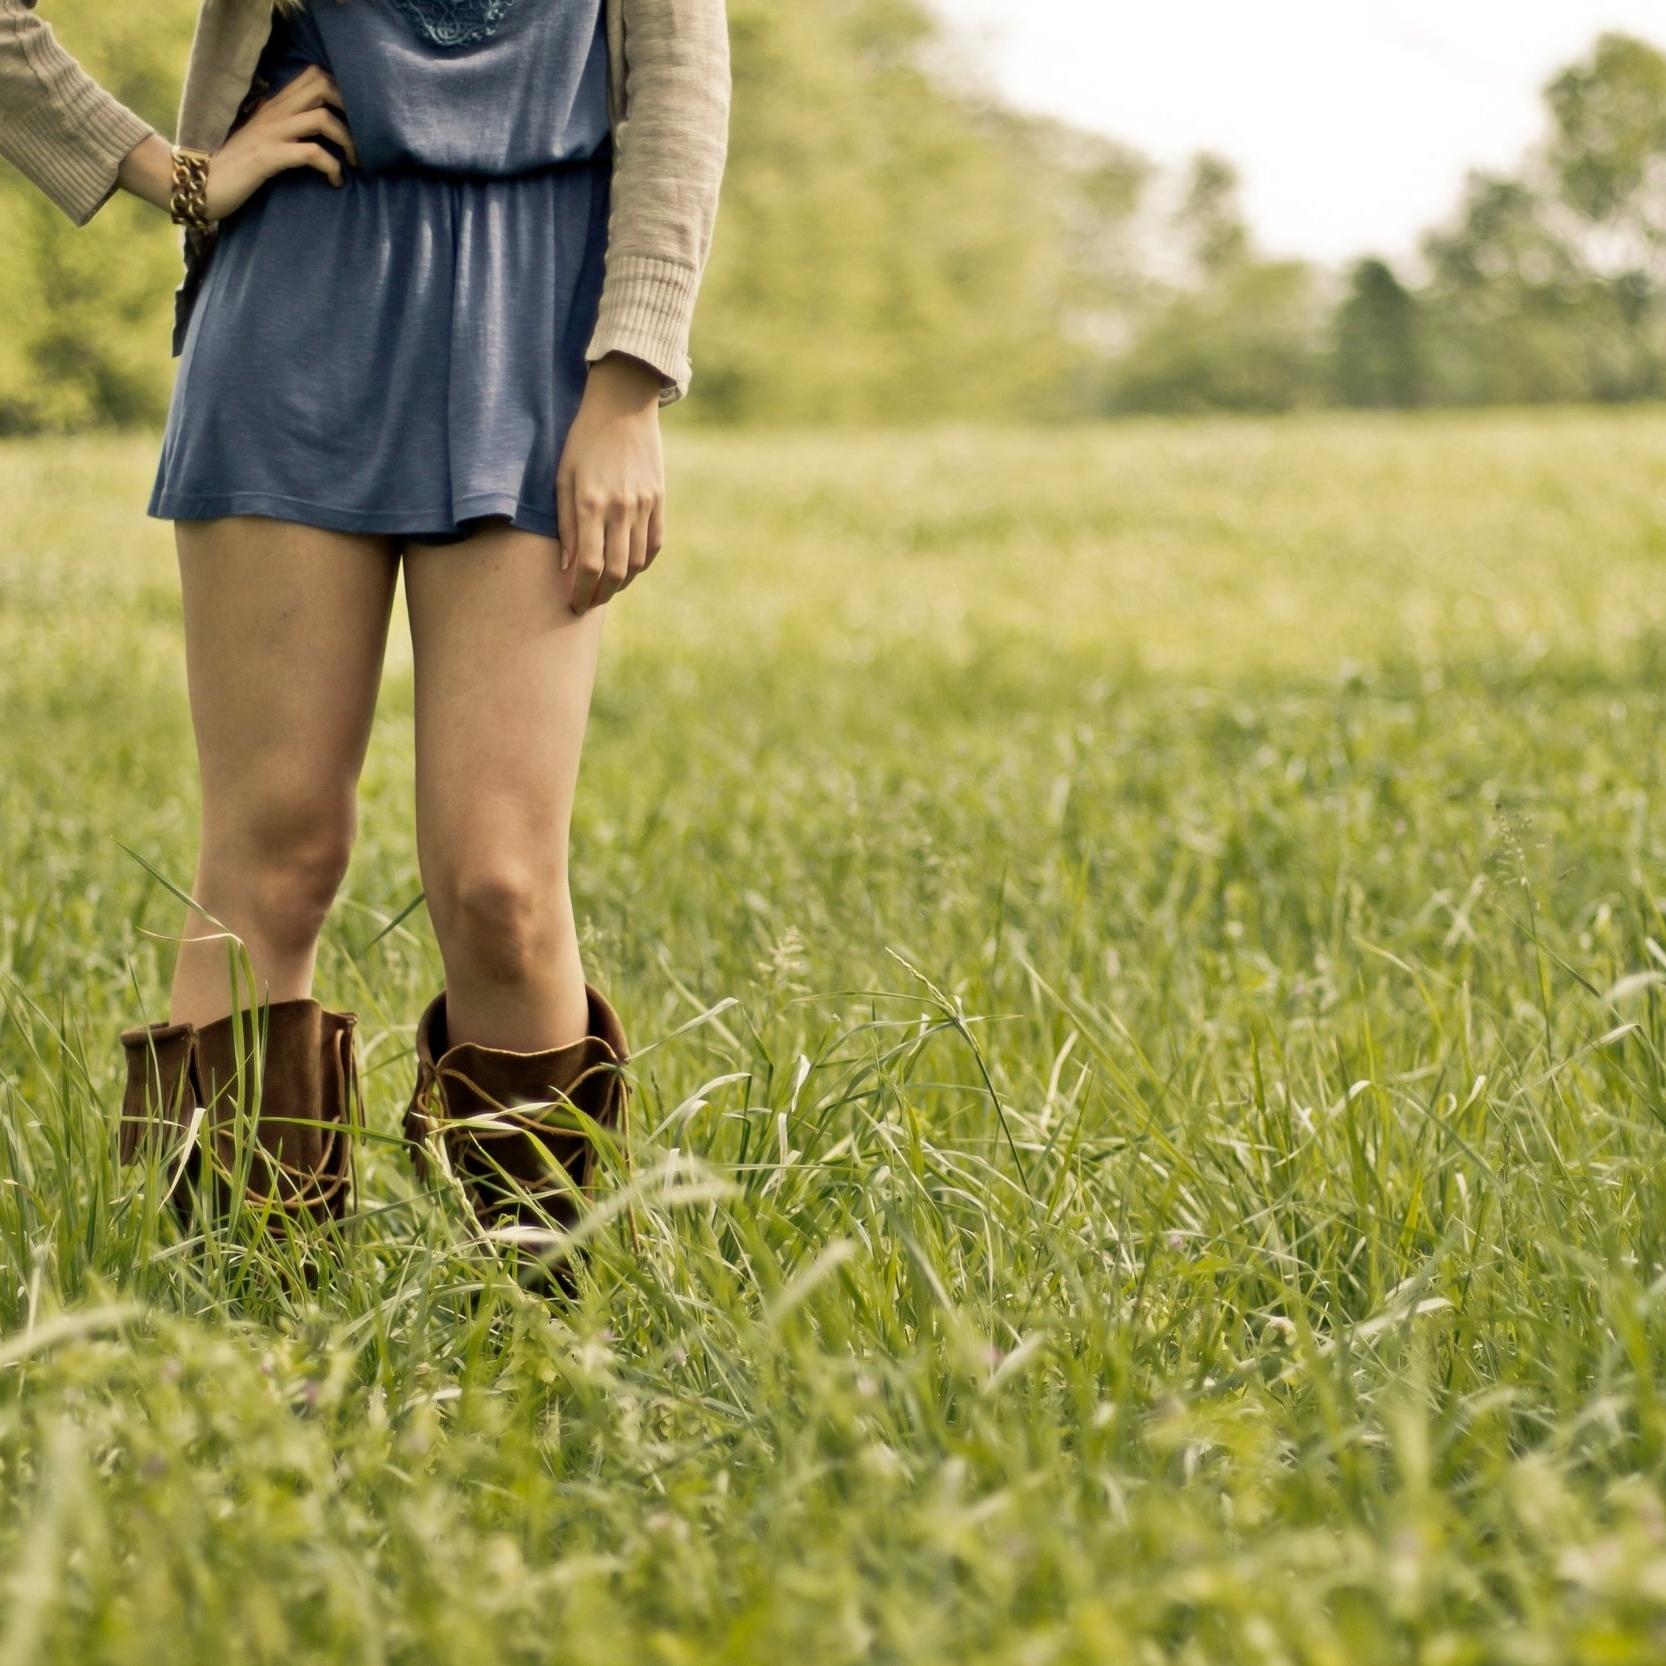 boots-field-grass-53969.jpg